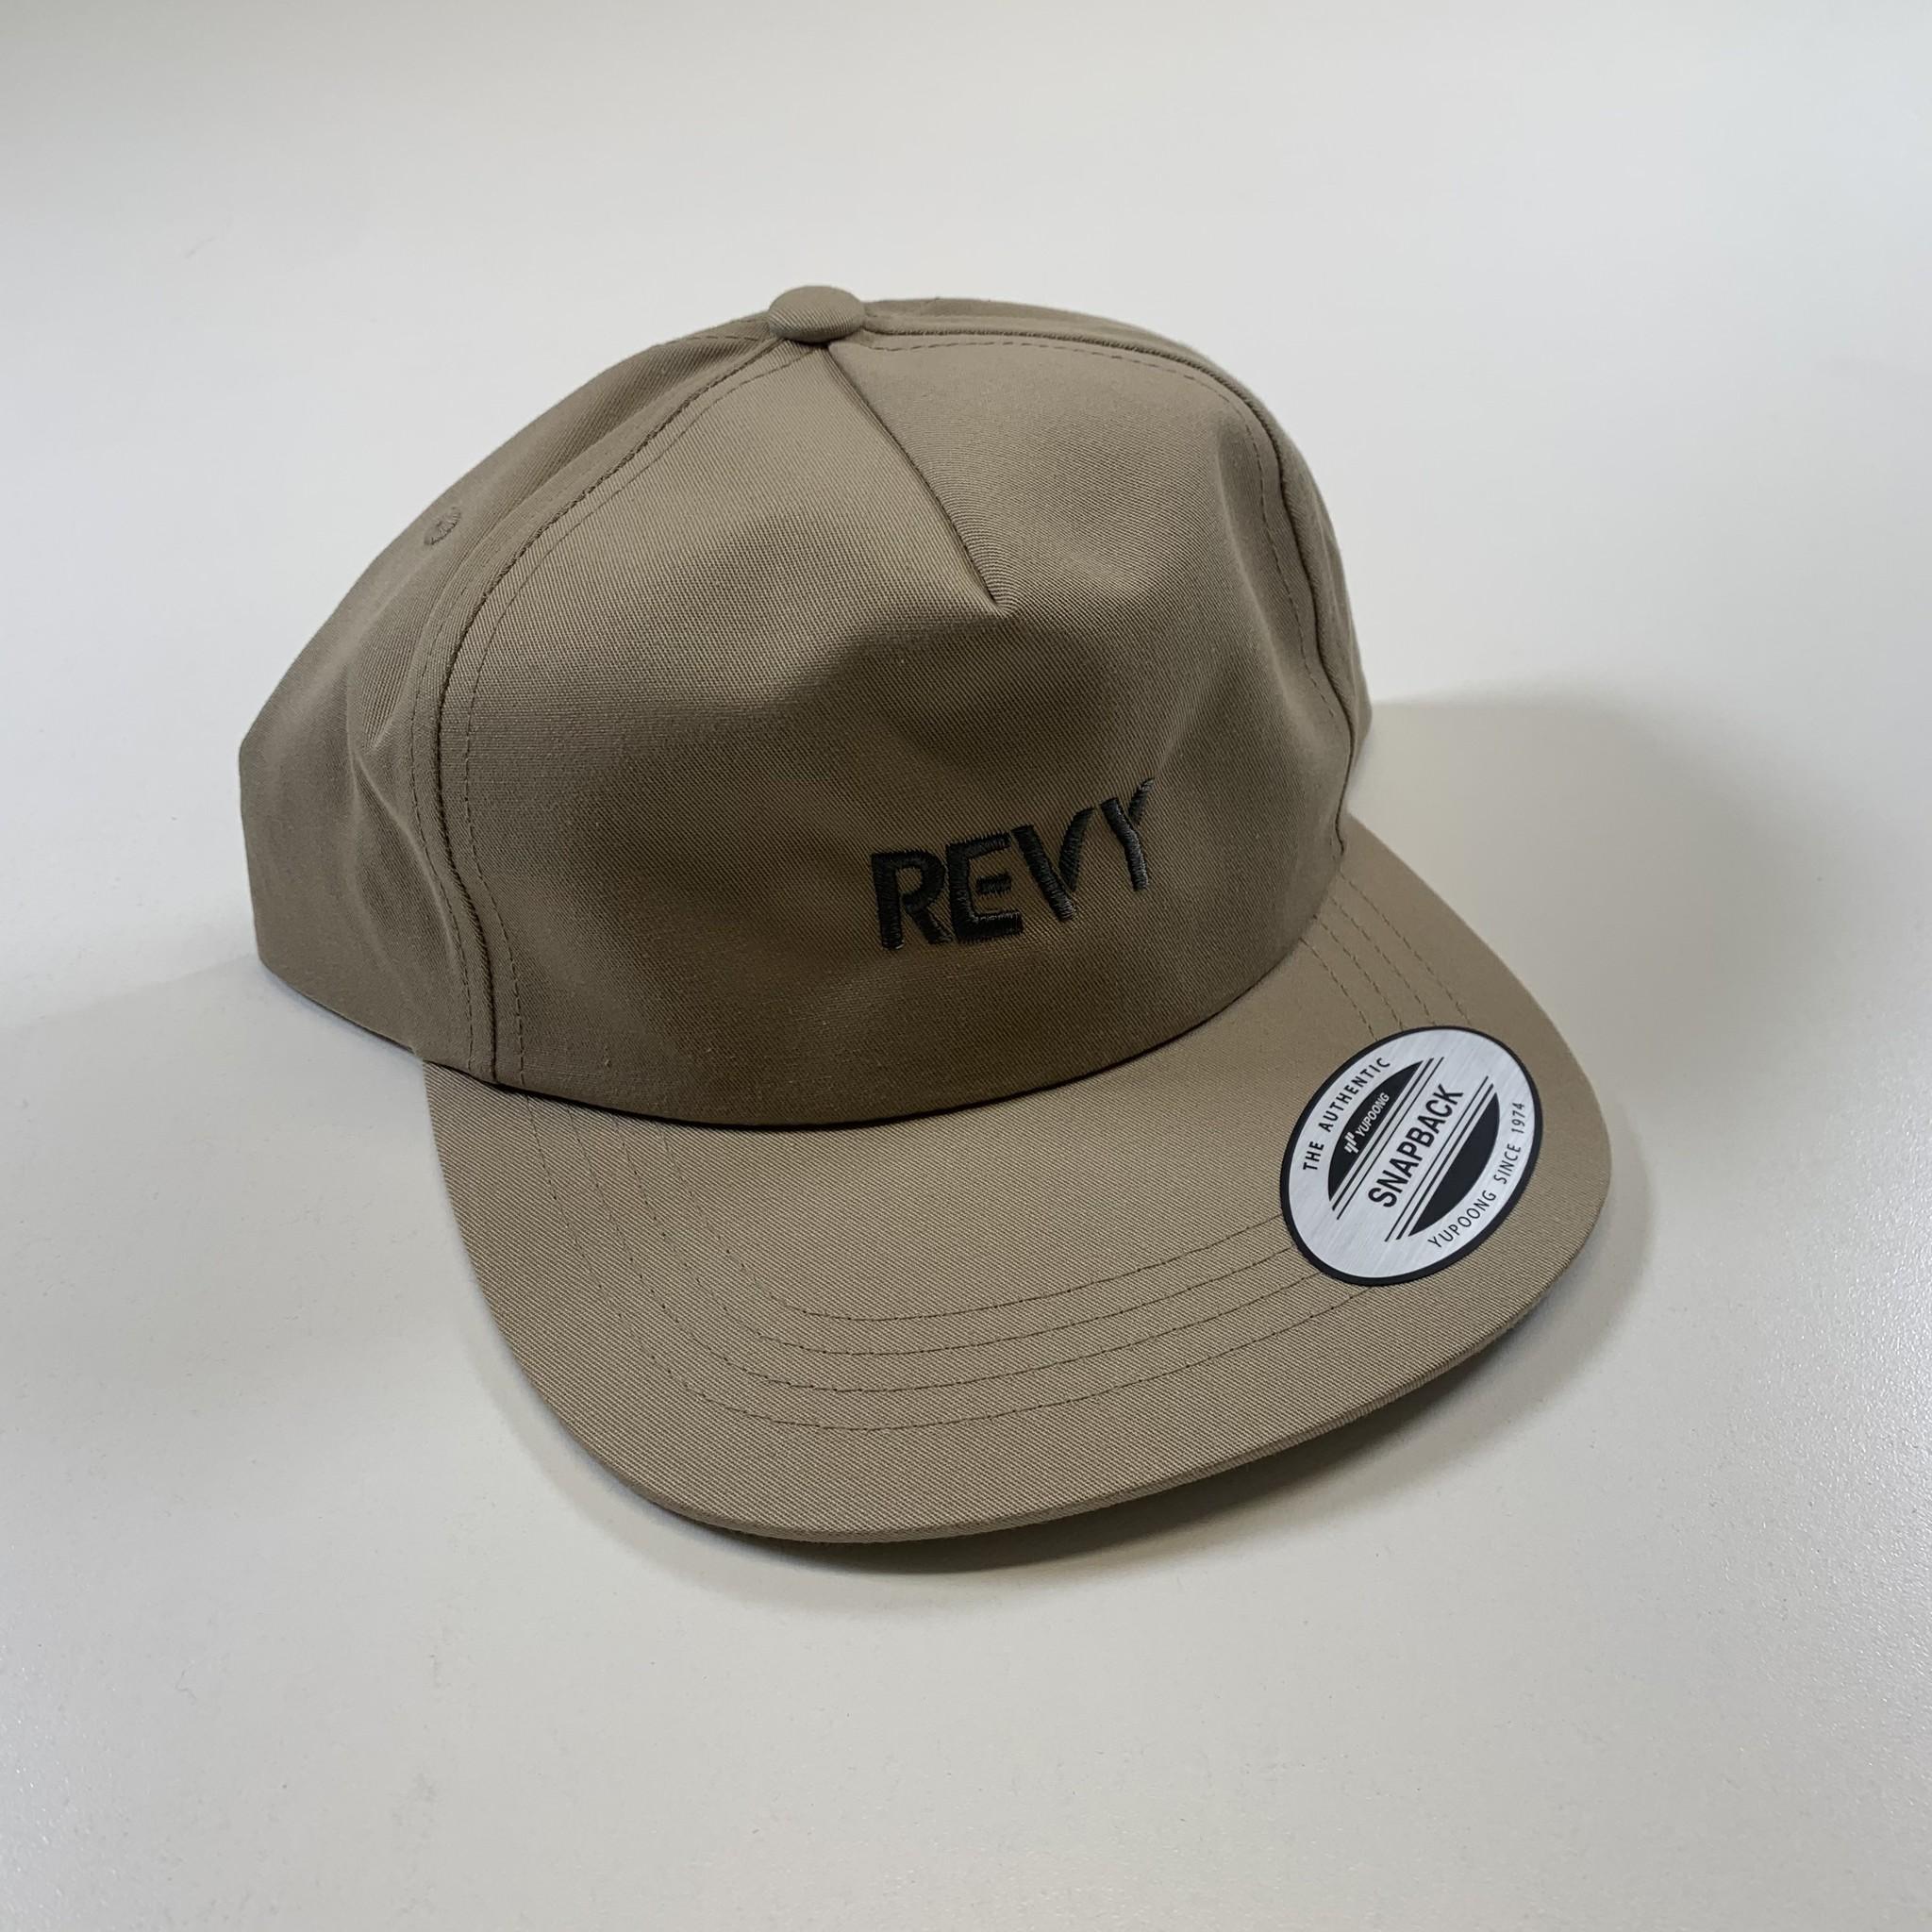 Revelstoke Trading Post Revelstoke - REVY Deconstructed Cap (Khaki)